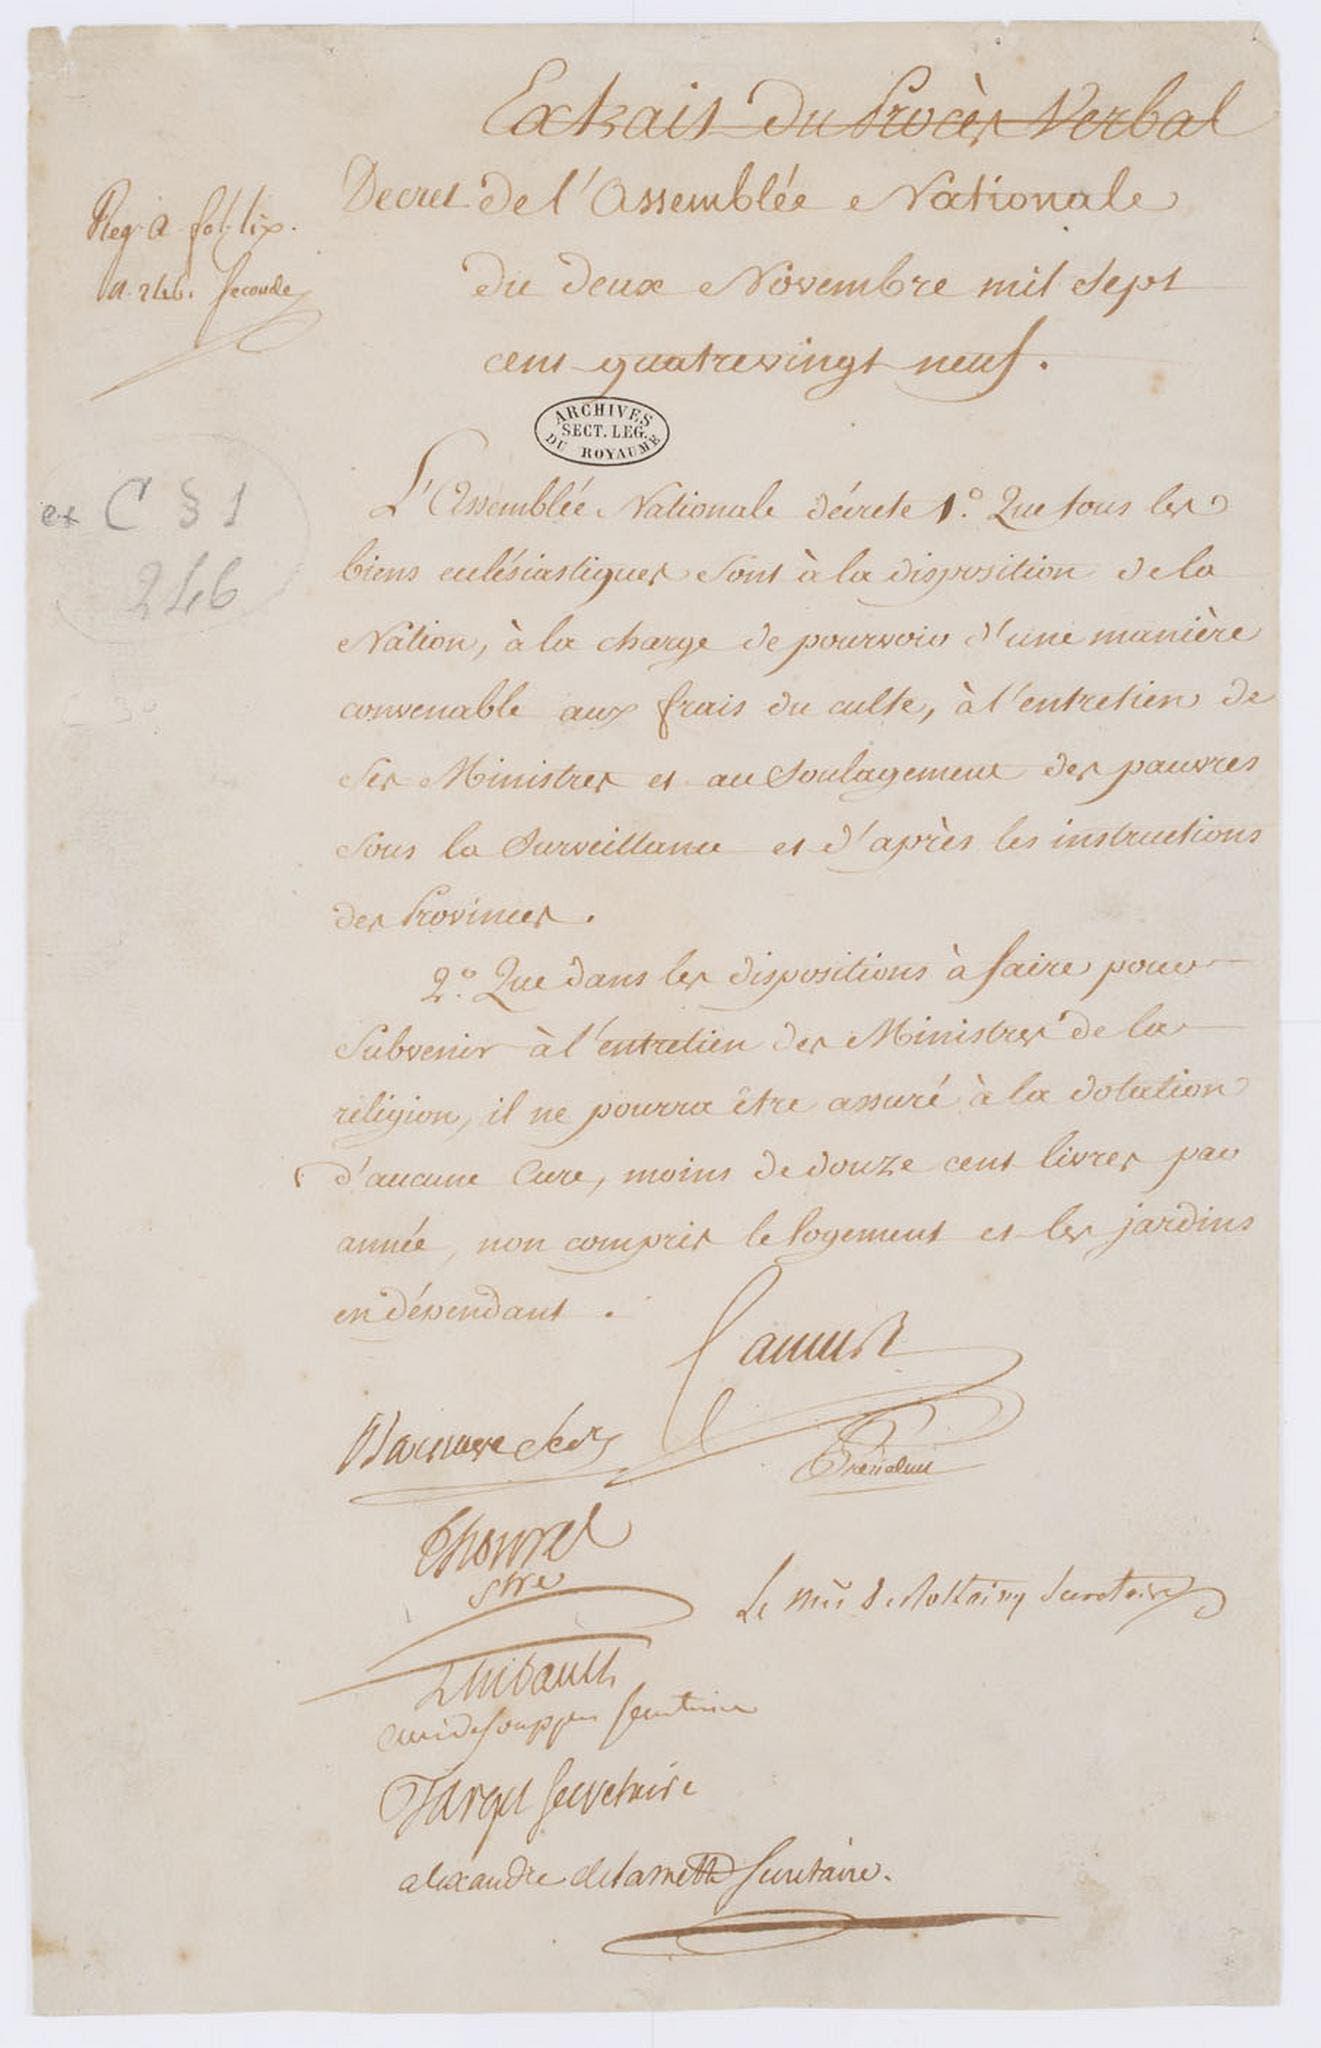 صورة لمرسوم قرار مصادرة أملاك الكنيسة